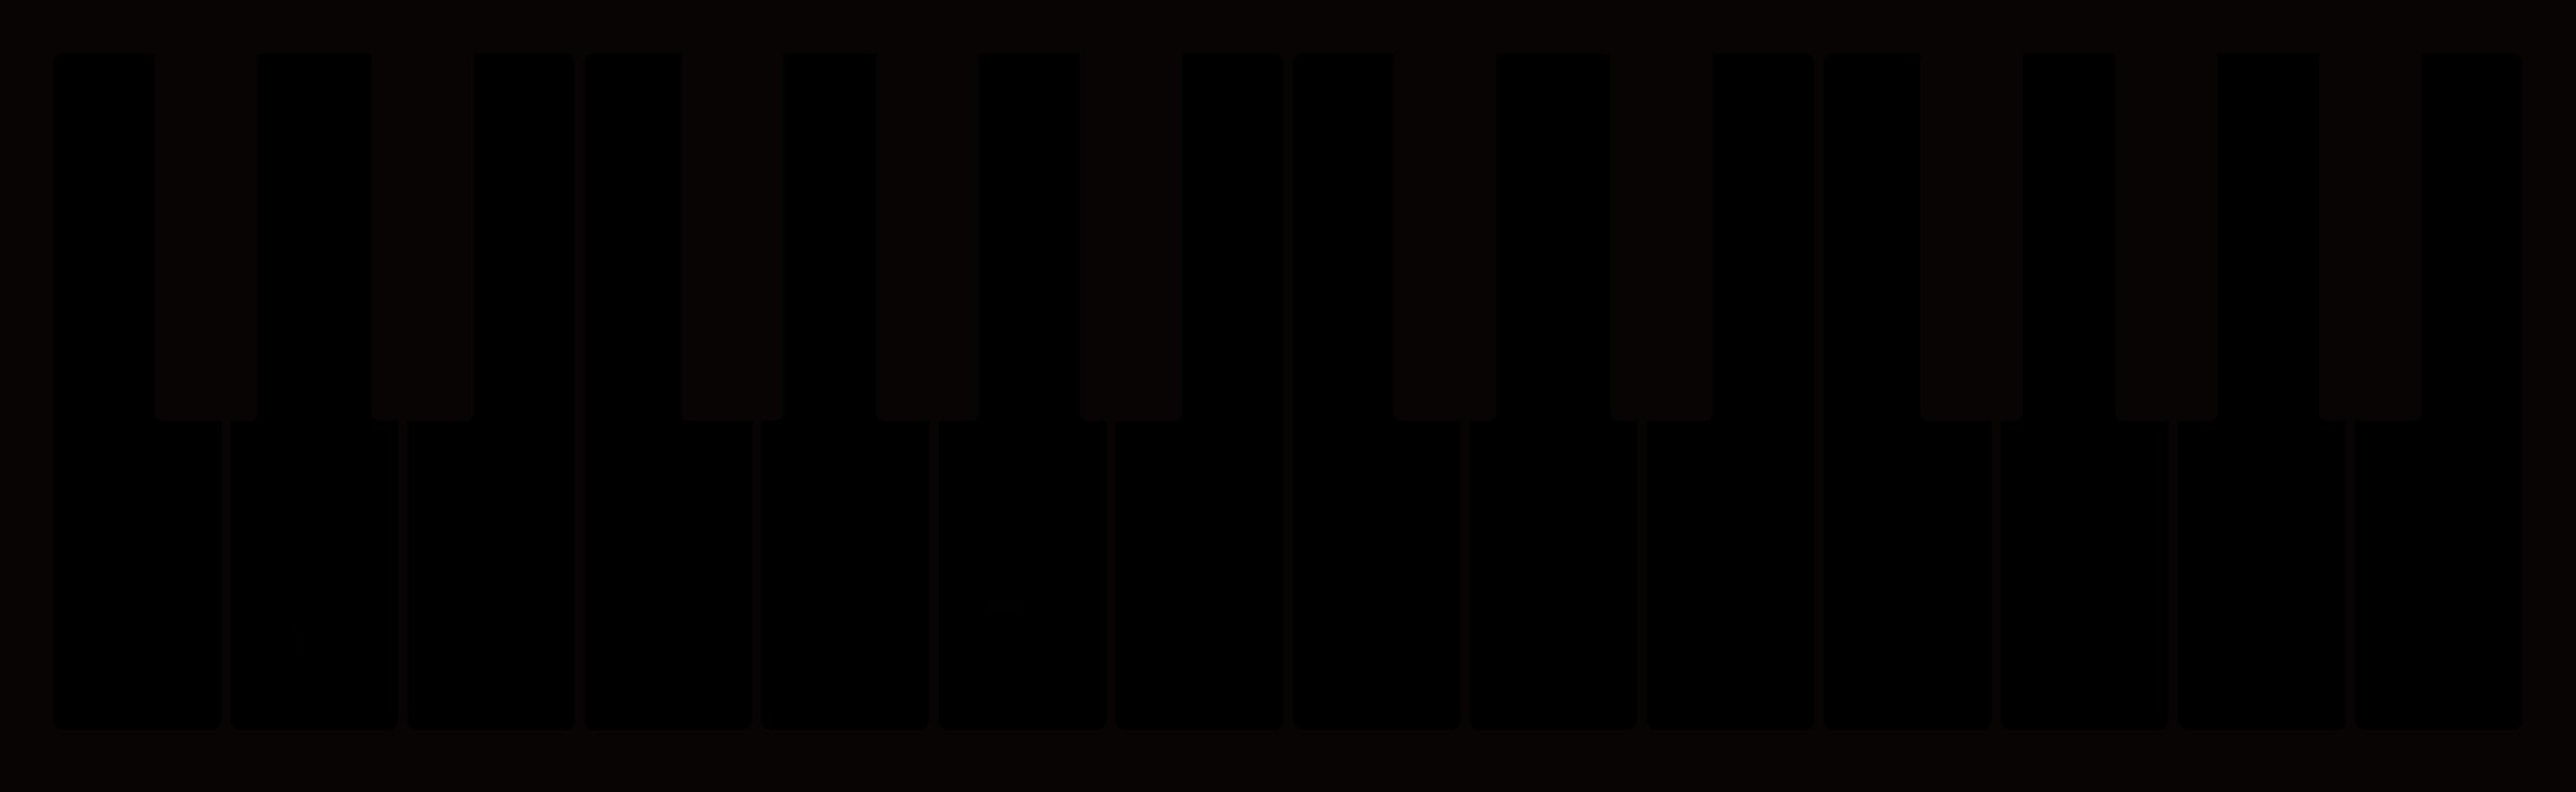 ピアノ鍵盤ドレミファソラシド